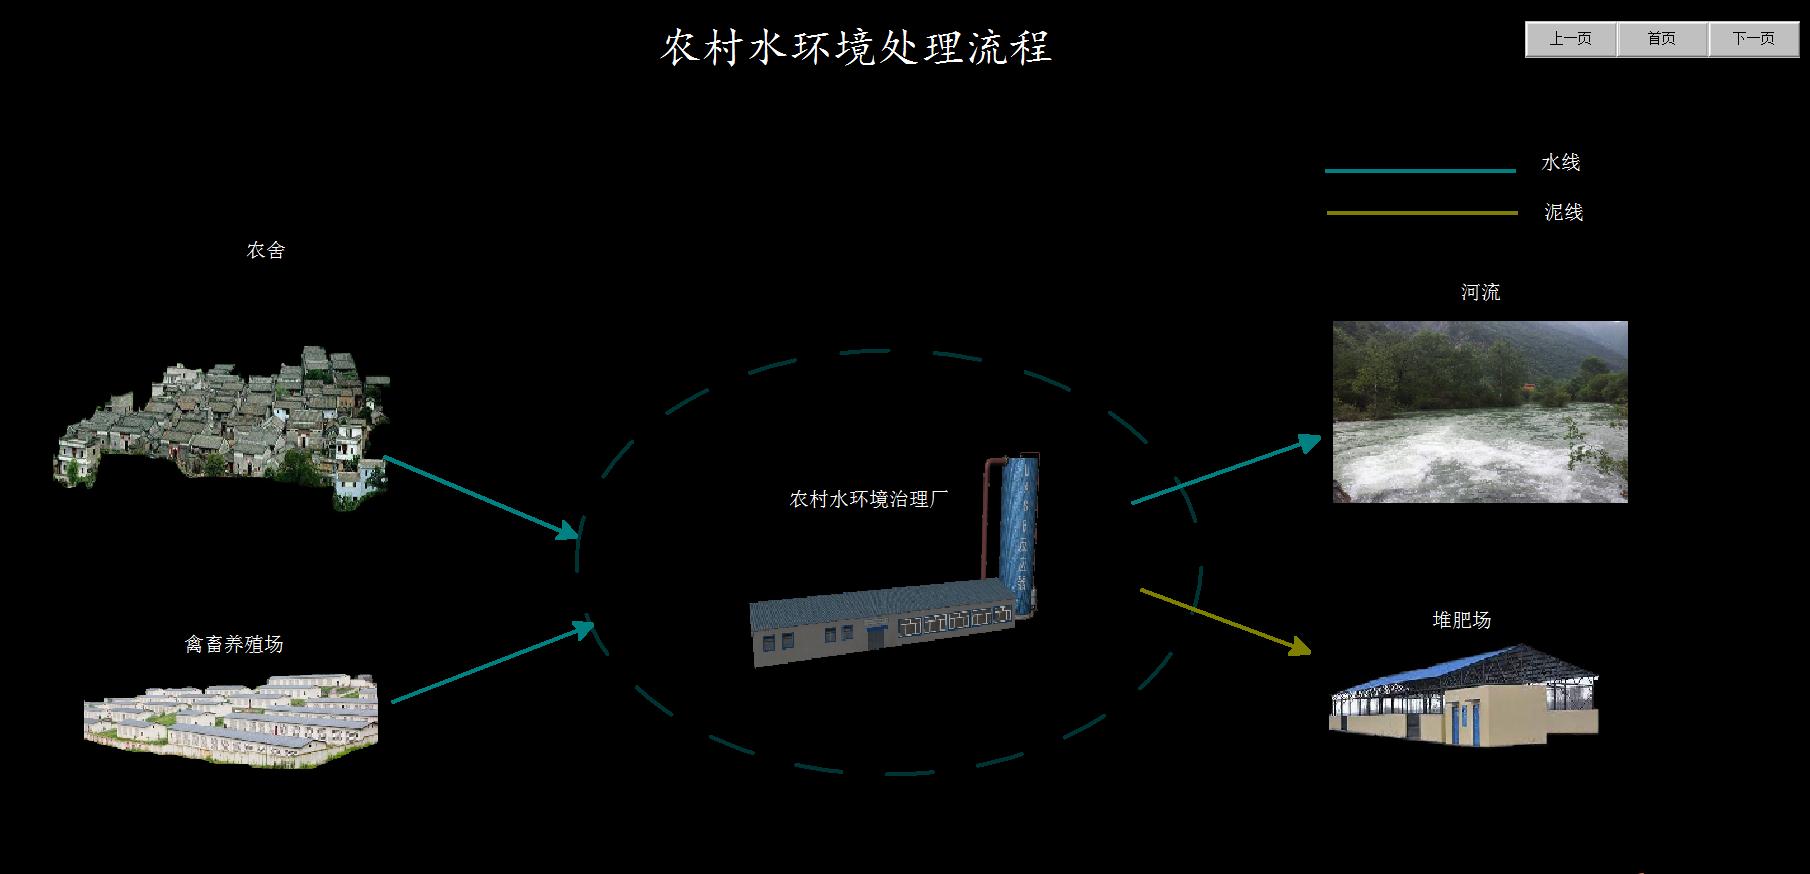 农村水环境治理虚拟仿真实习软件处理流程